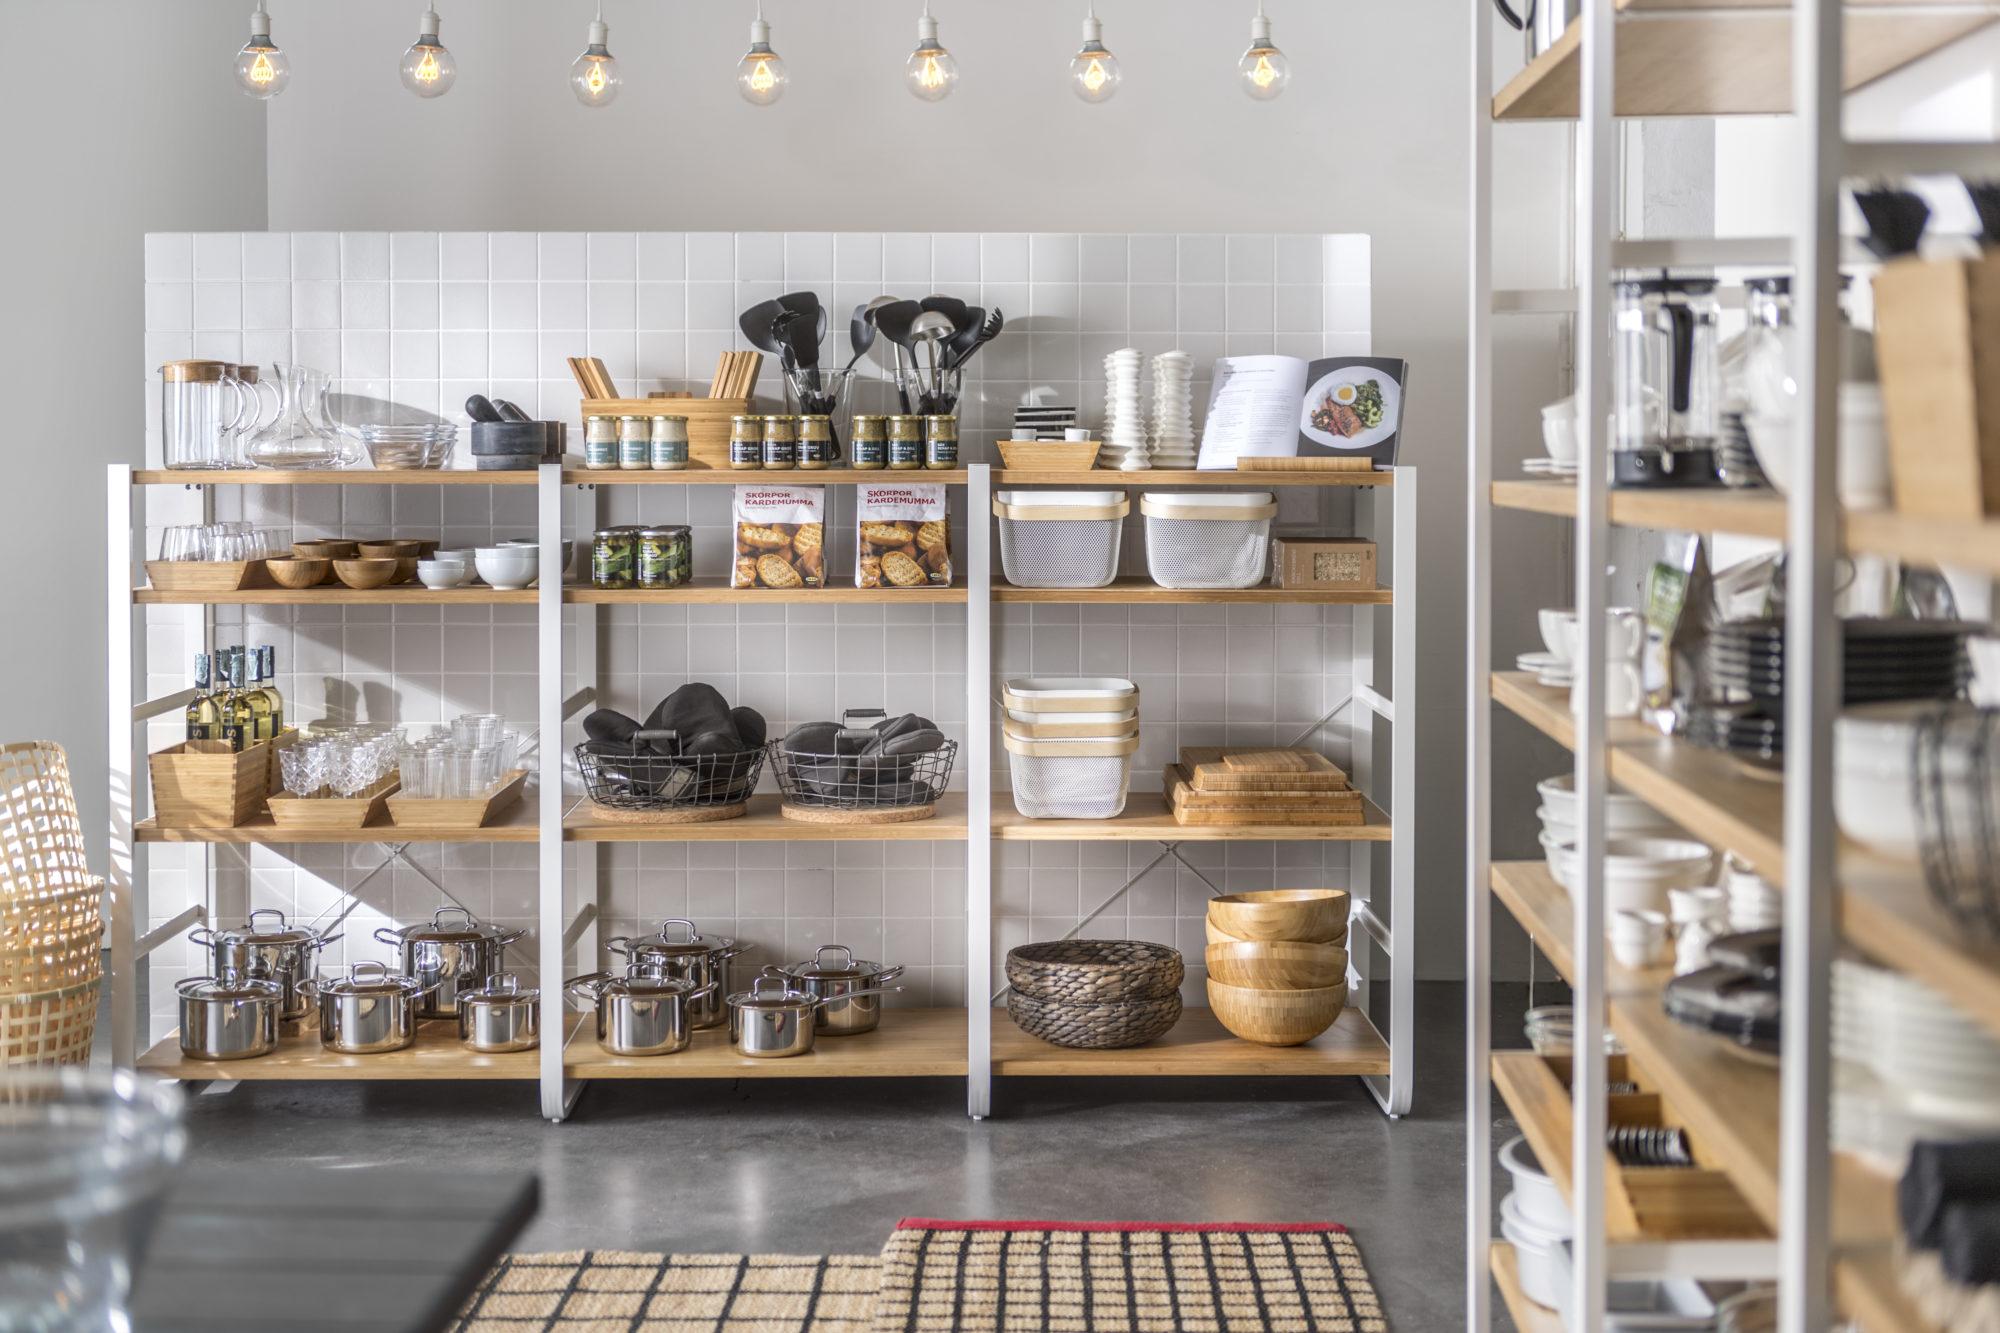 Elvarli: Negozio utensili per cucina - Fotografo Brescia ...